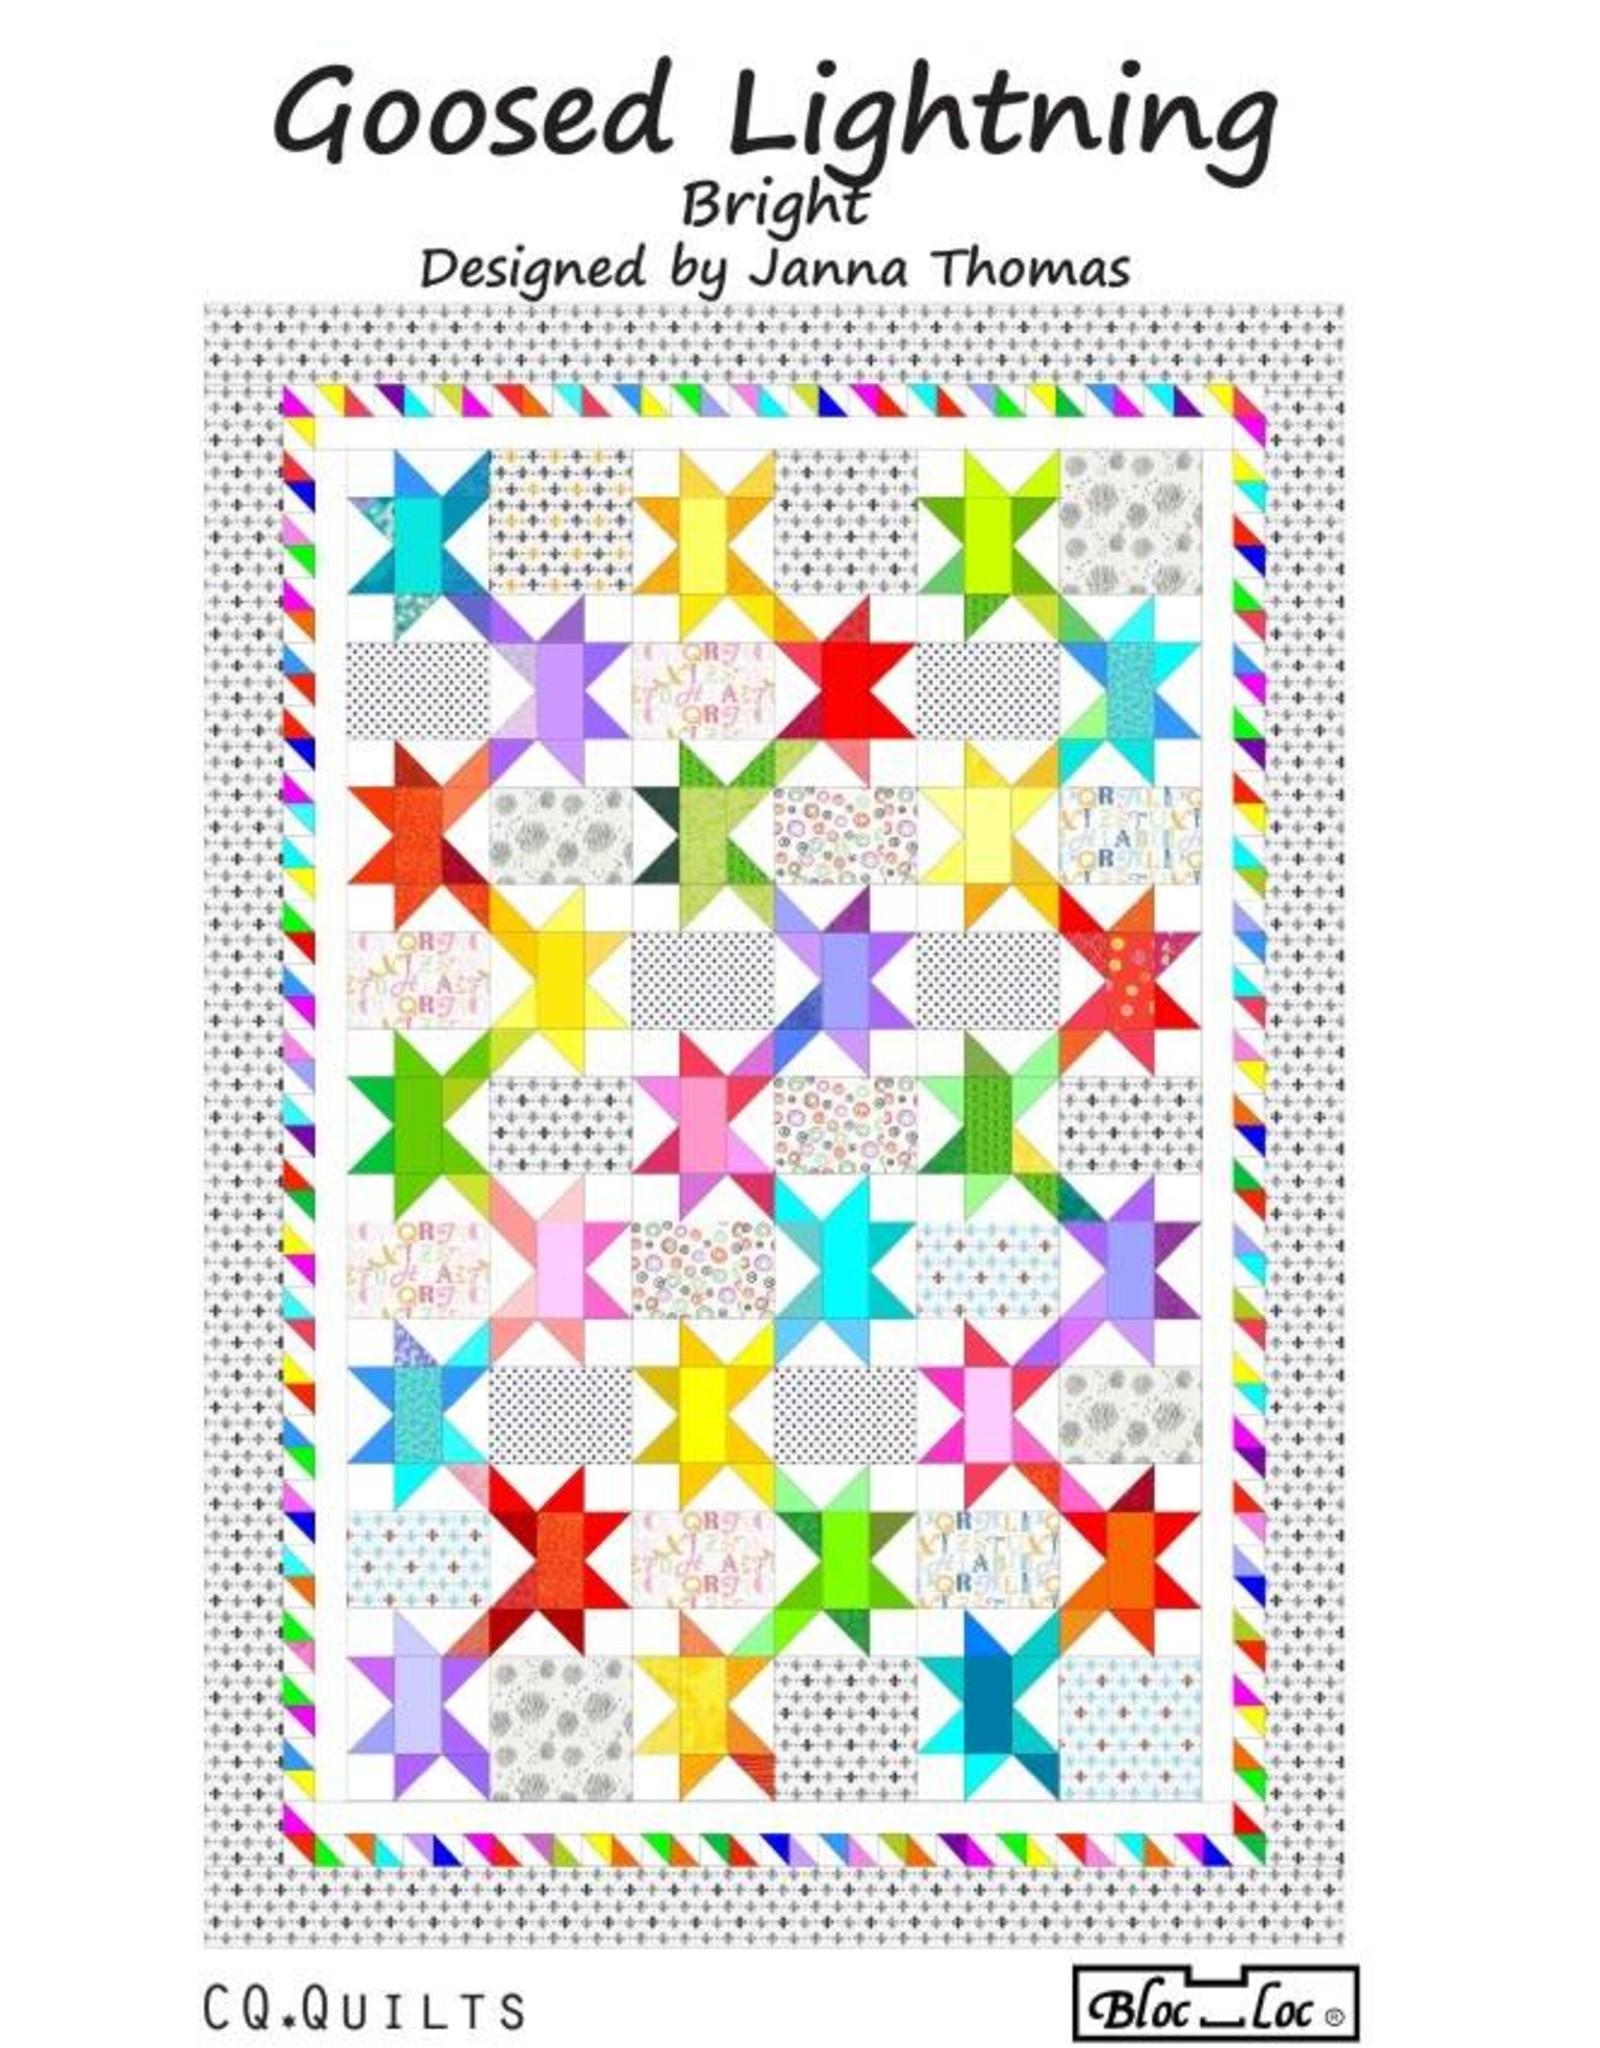 Bloc Loc Bloc Loc Pattern - Goosed Lighting 3 x 6